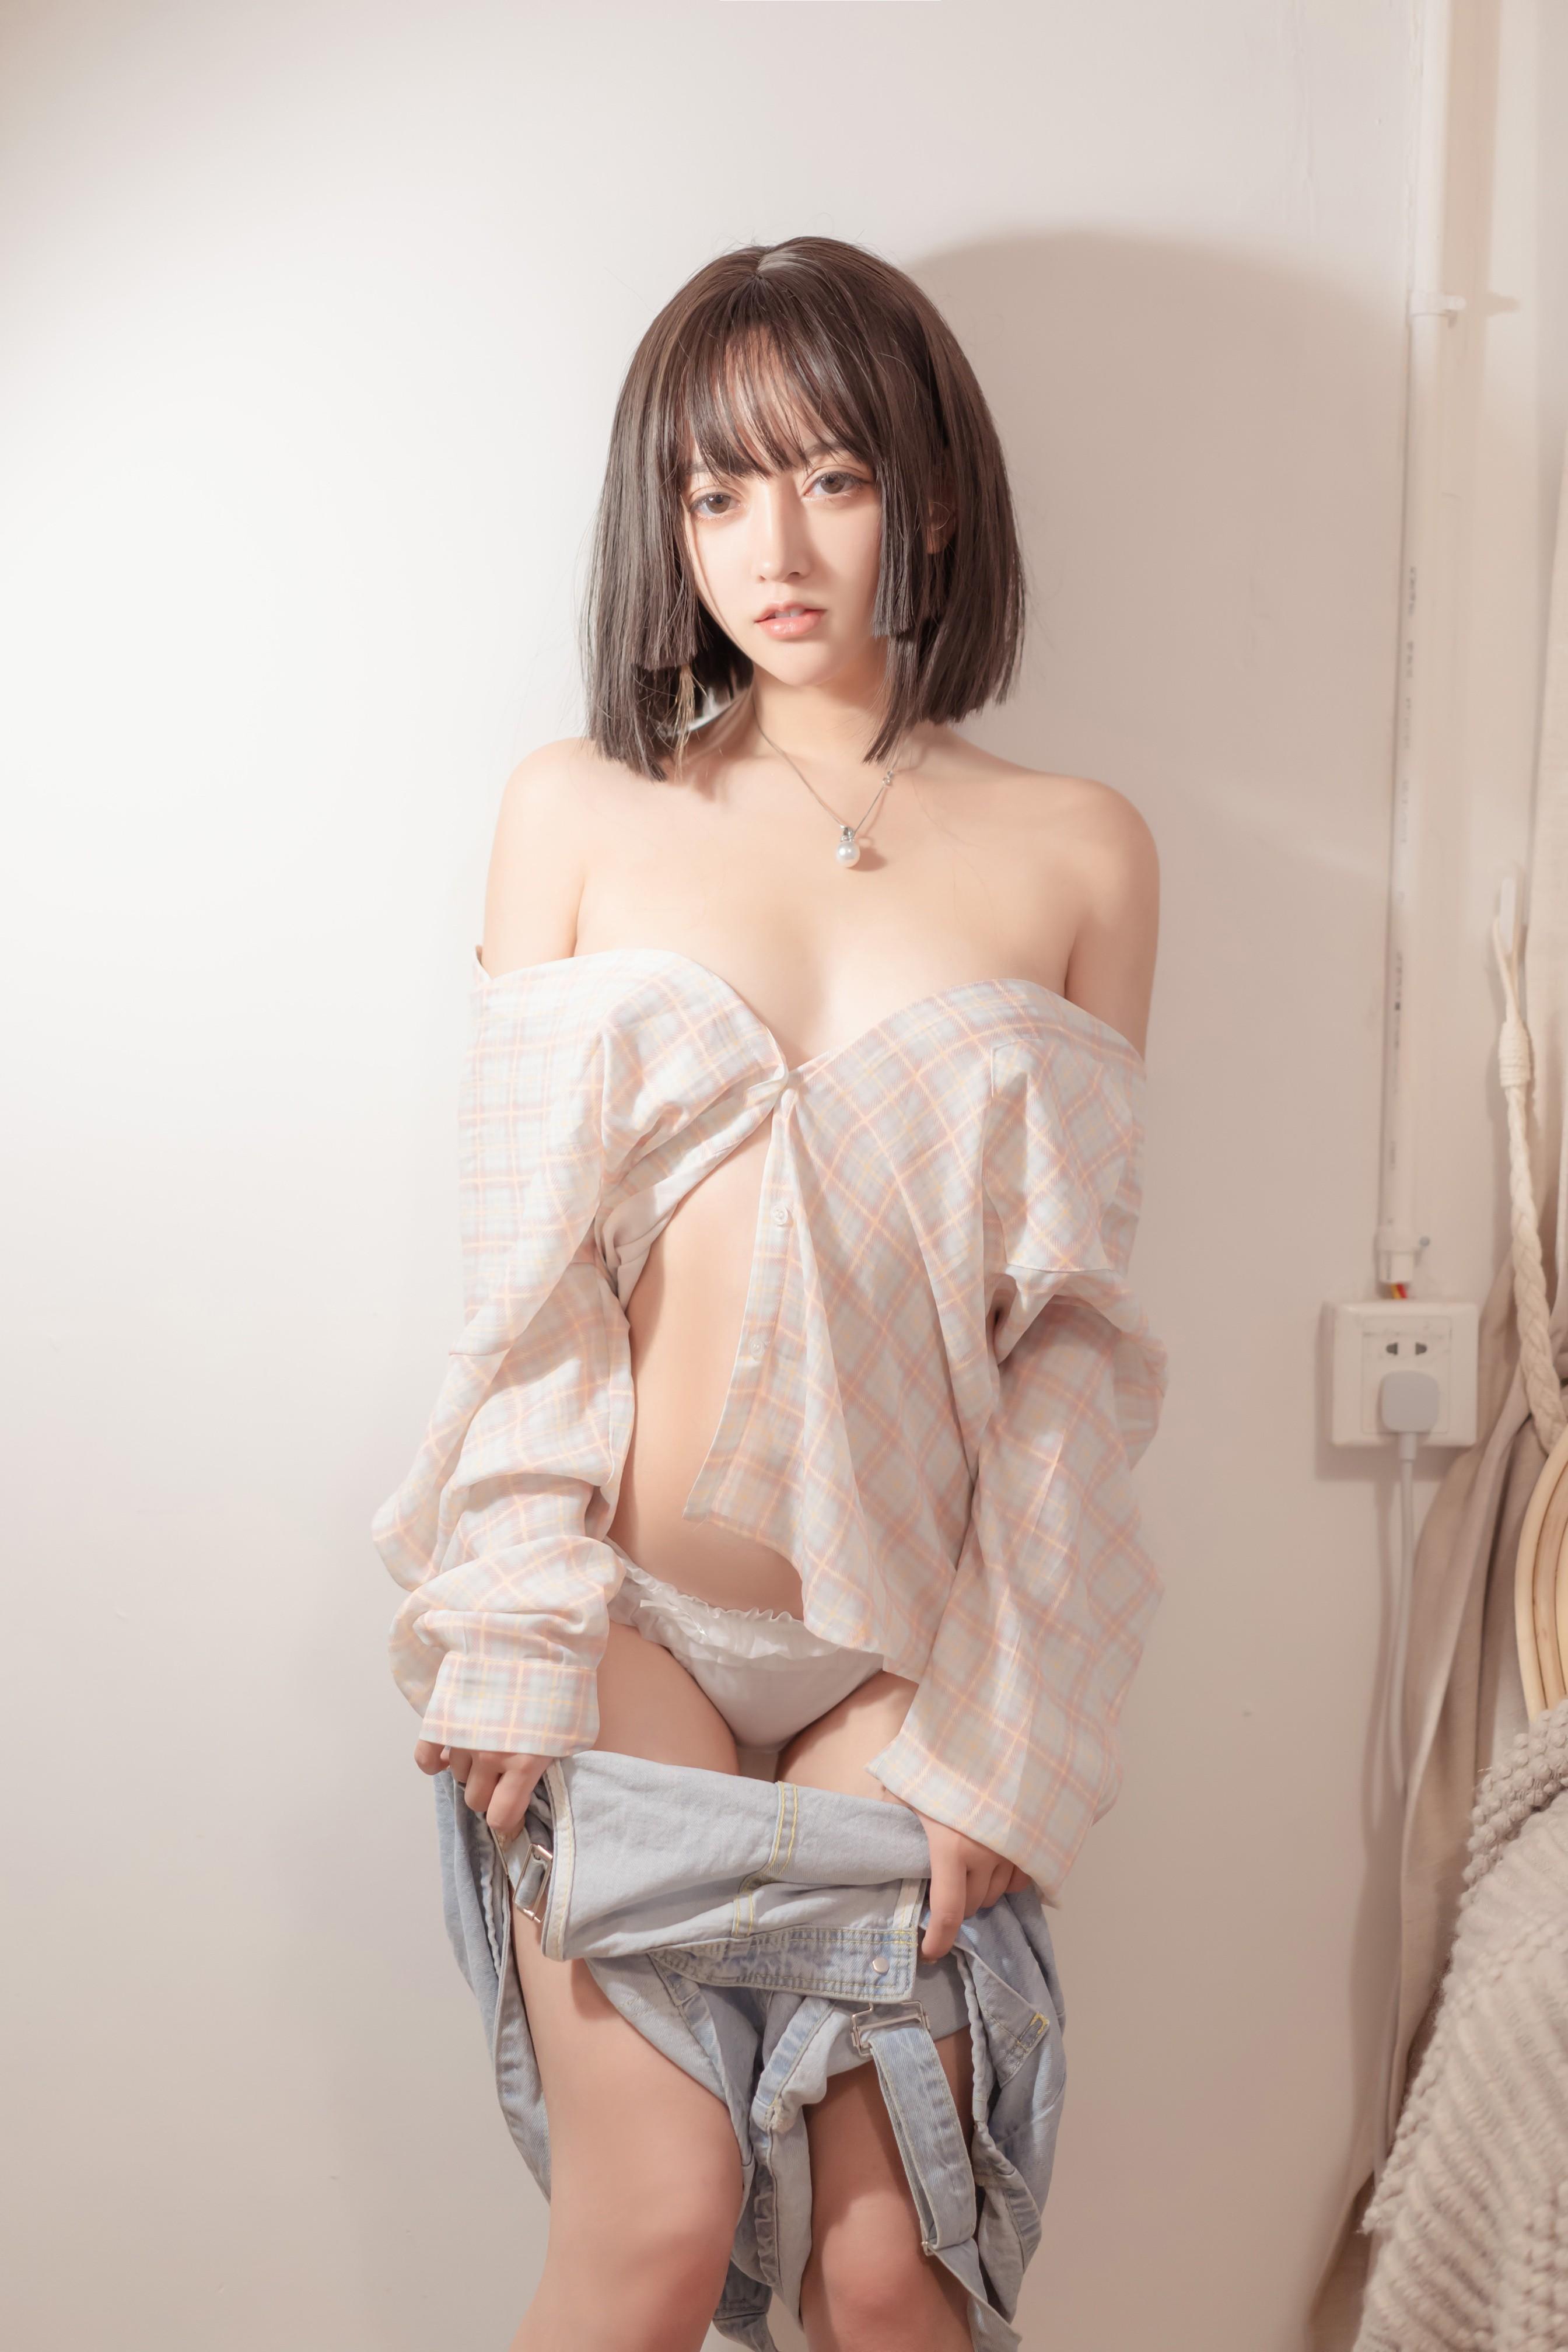 过期米线线喵背带裤写真,风格多变的斗鱼美女主播